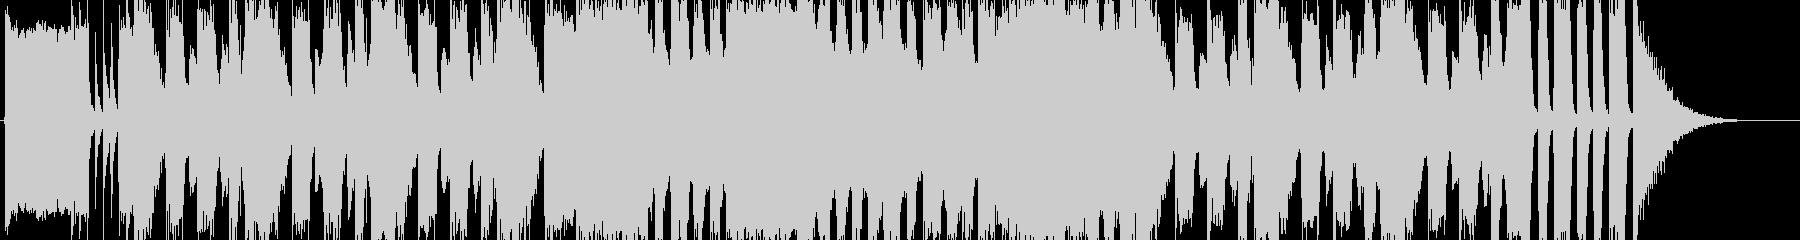 Brass系POPサウンド おちゃめの未再生の波形